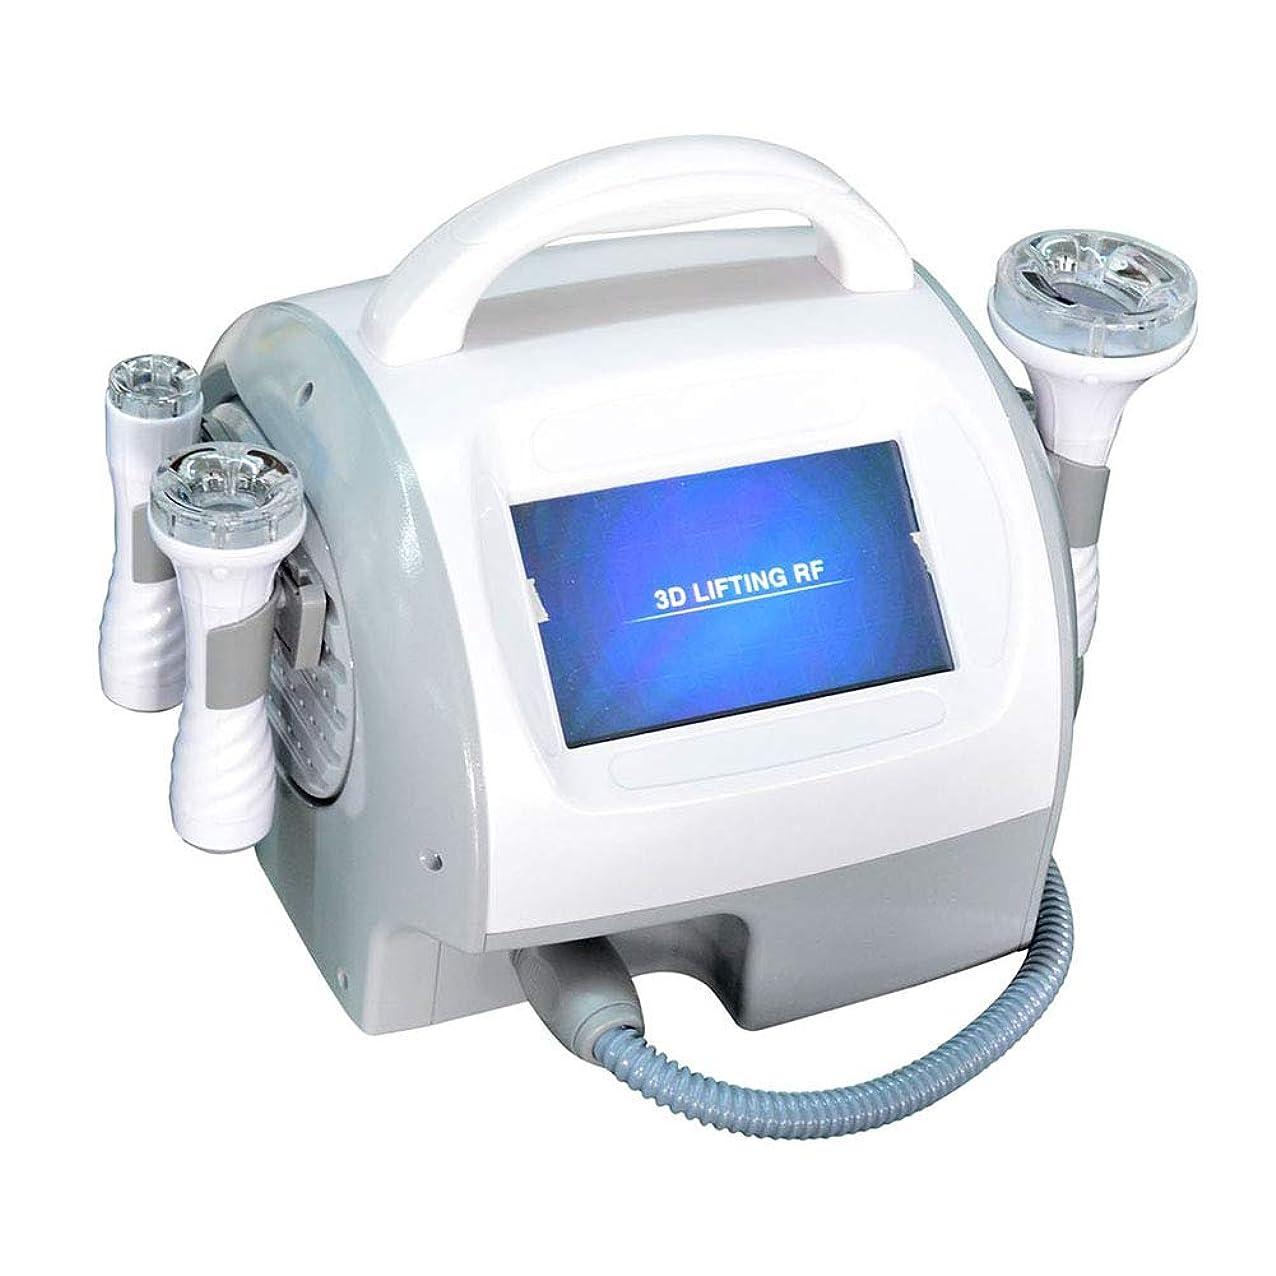 エキサイティングにじみ出る無視減量ボディシェイパーマシン スキンケアフェイシャルデバイス ビューティーサロン EMS電気刺激痩身機器 柔らかい肌のため、しわを取り除く